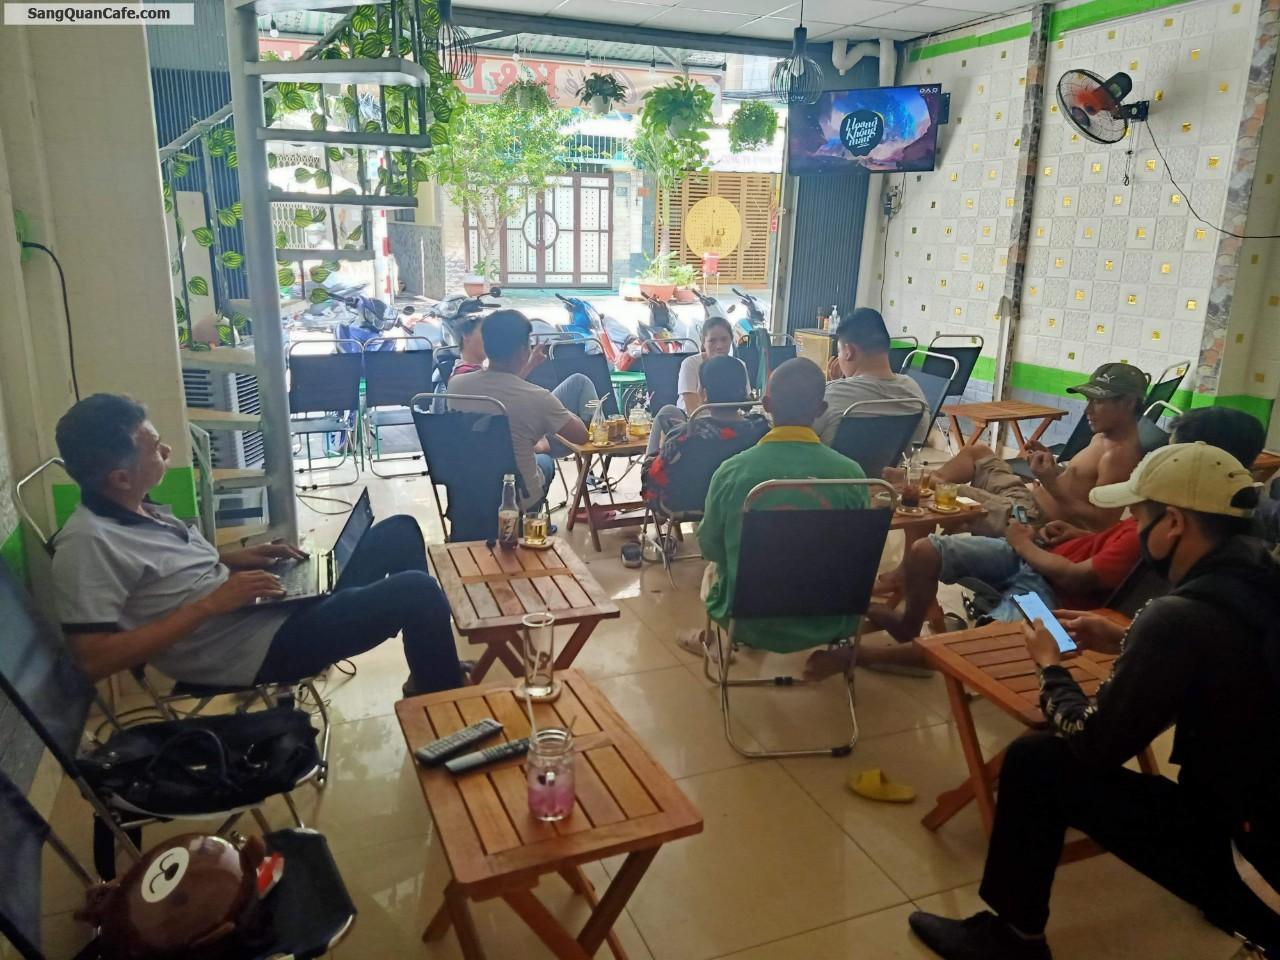 cần sang quán cafe mặt bằng đẹp đông dân cư qua lại